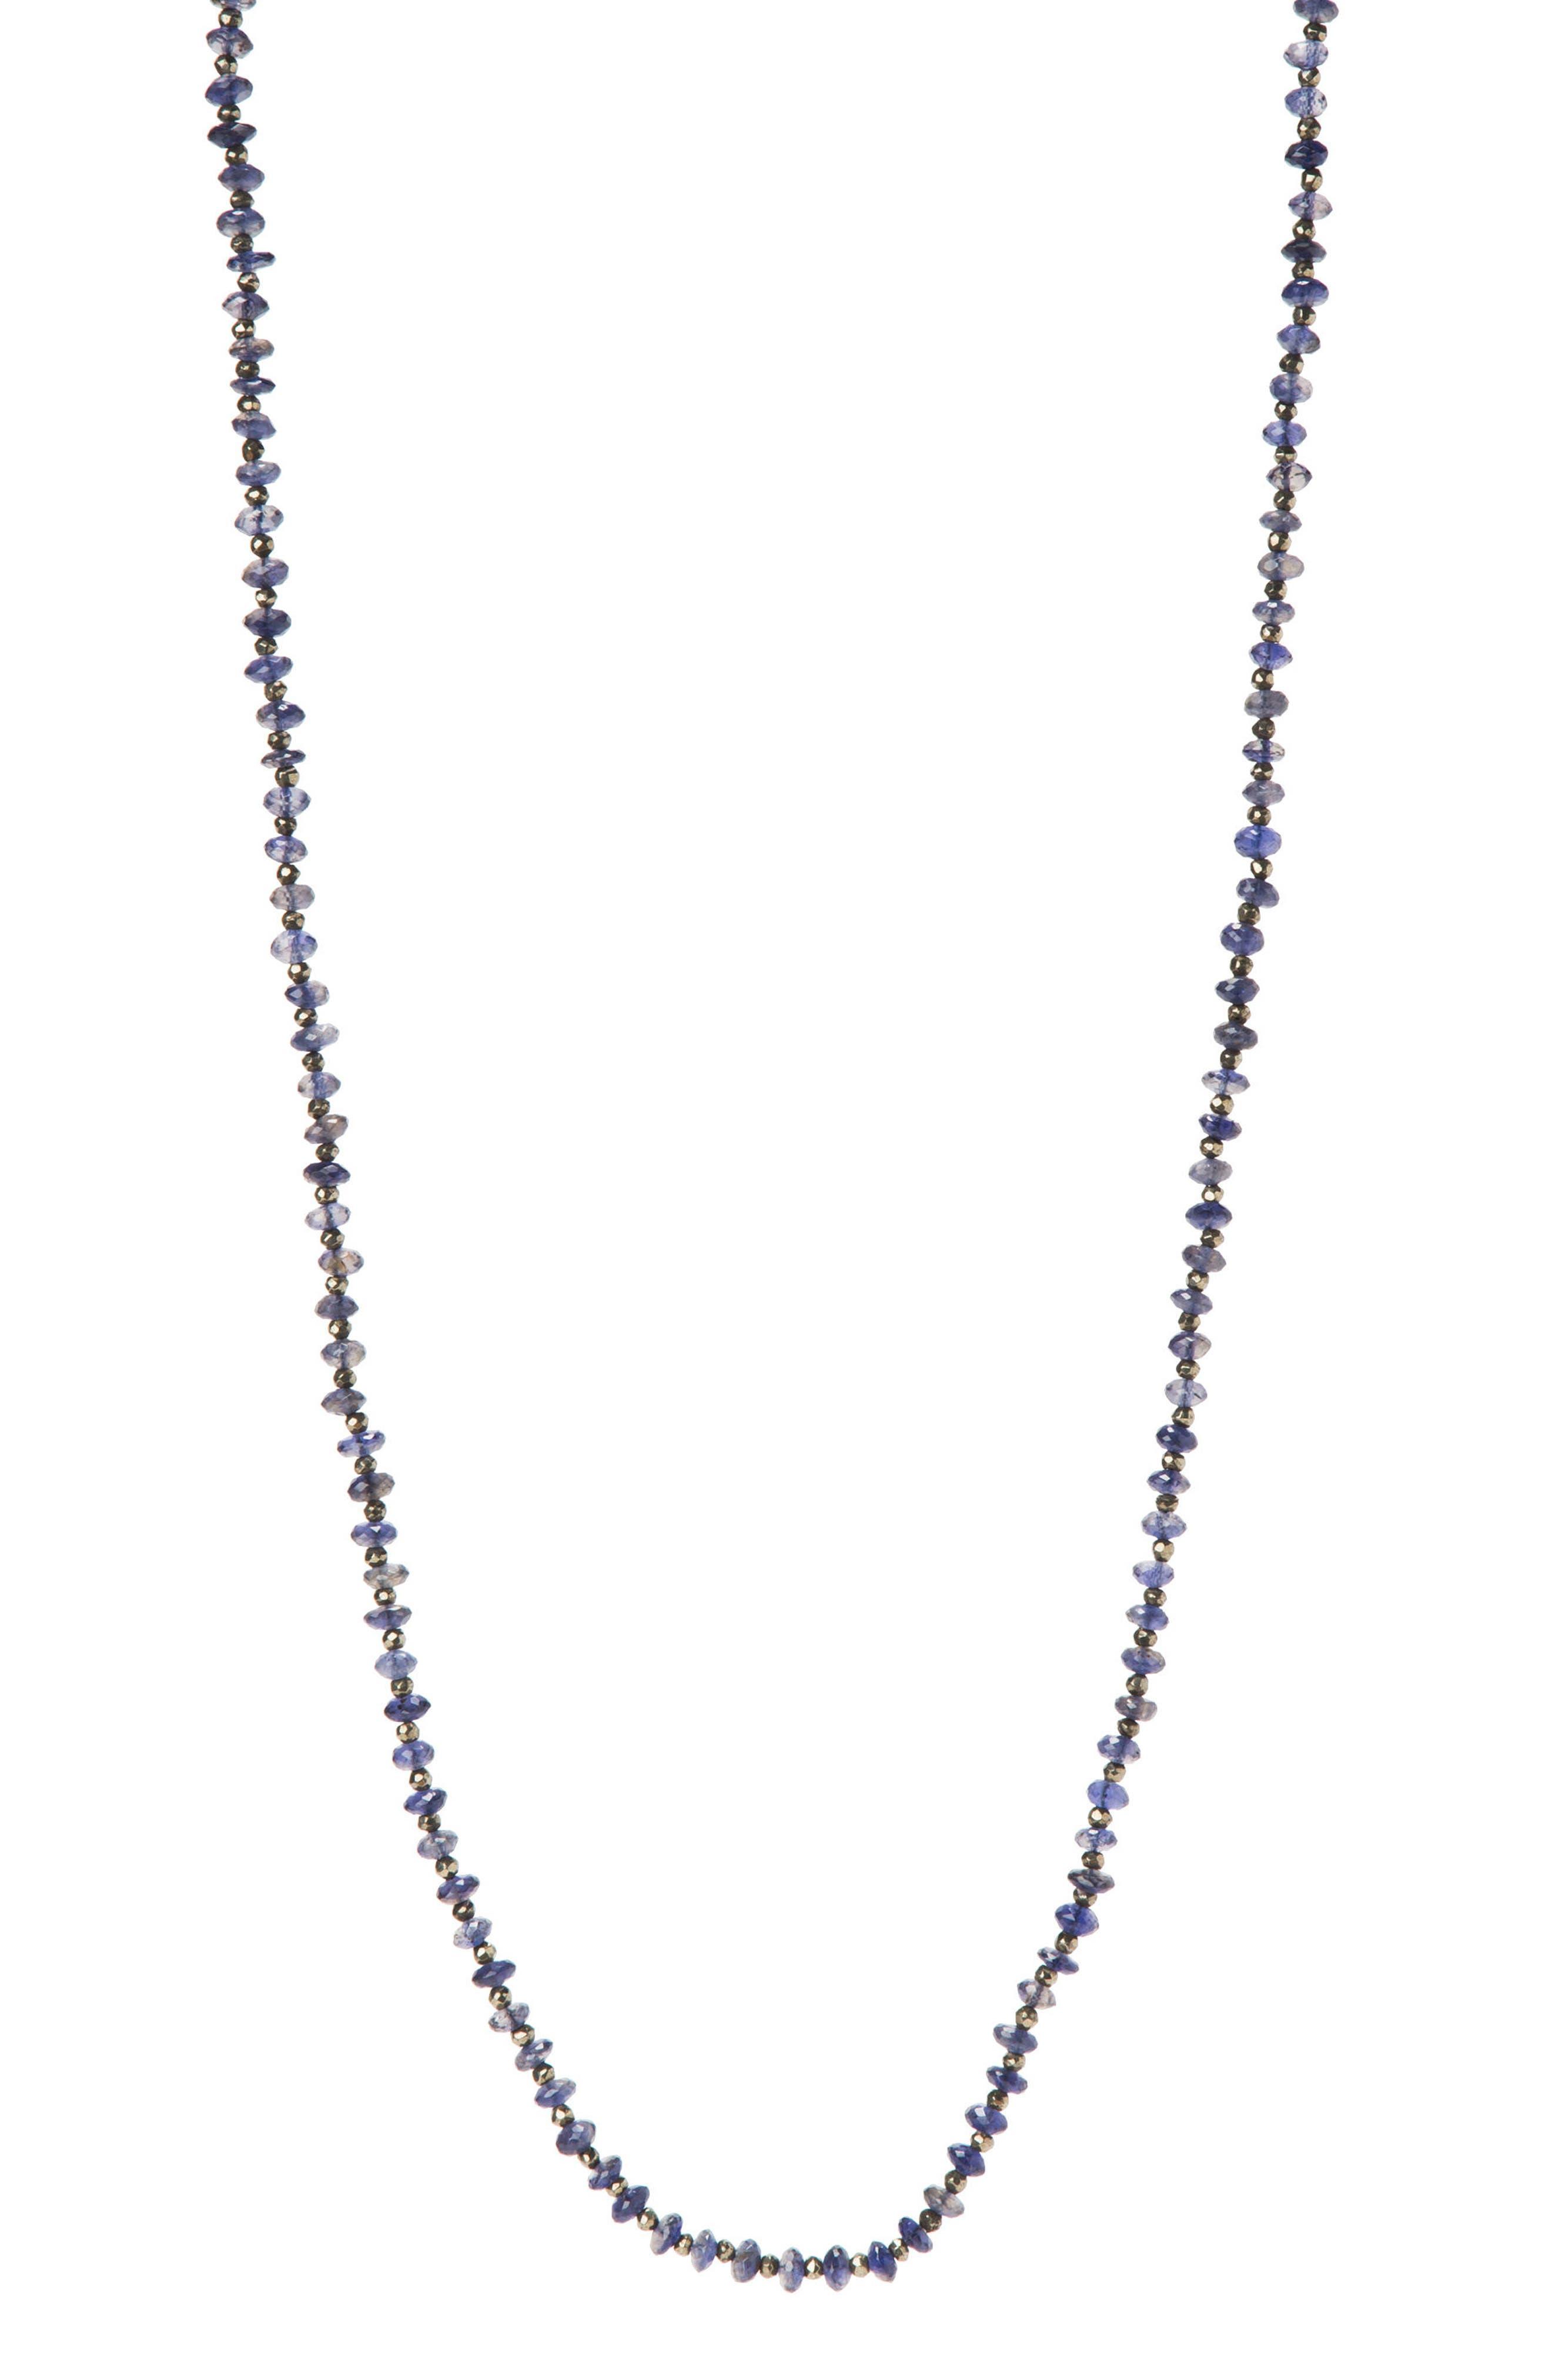 Main Image - Jemma Sands Solana Semiprecious Stone Necklace